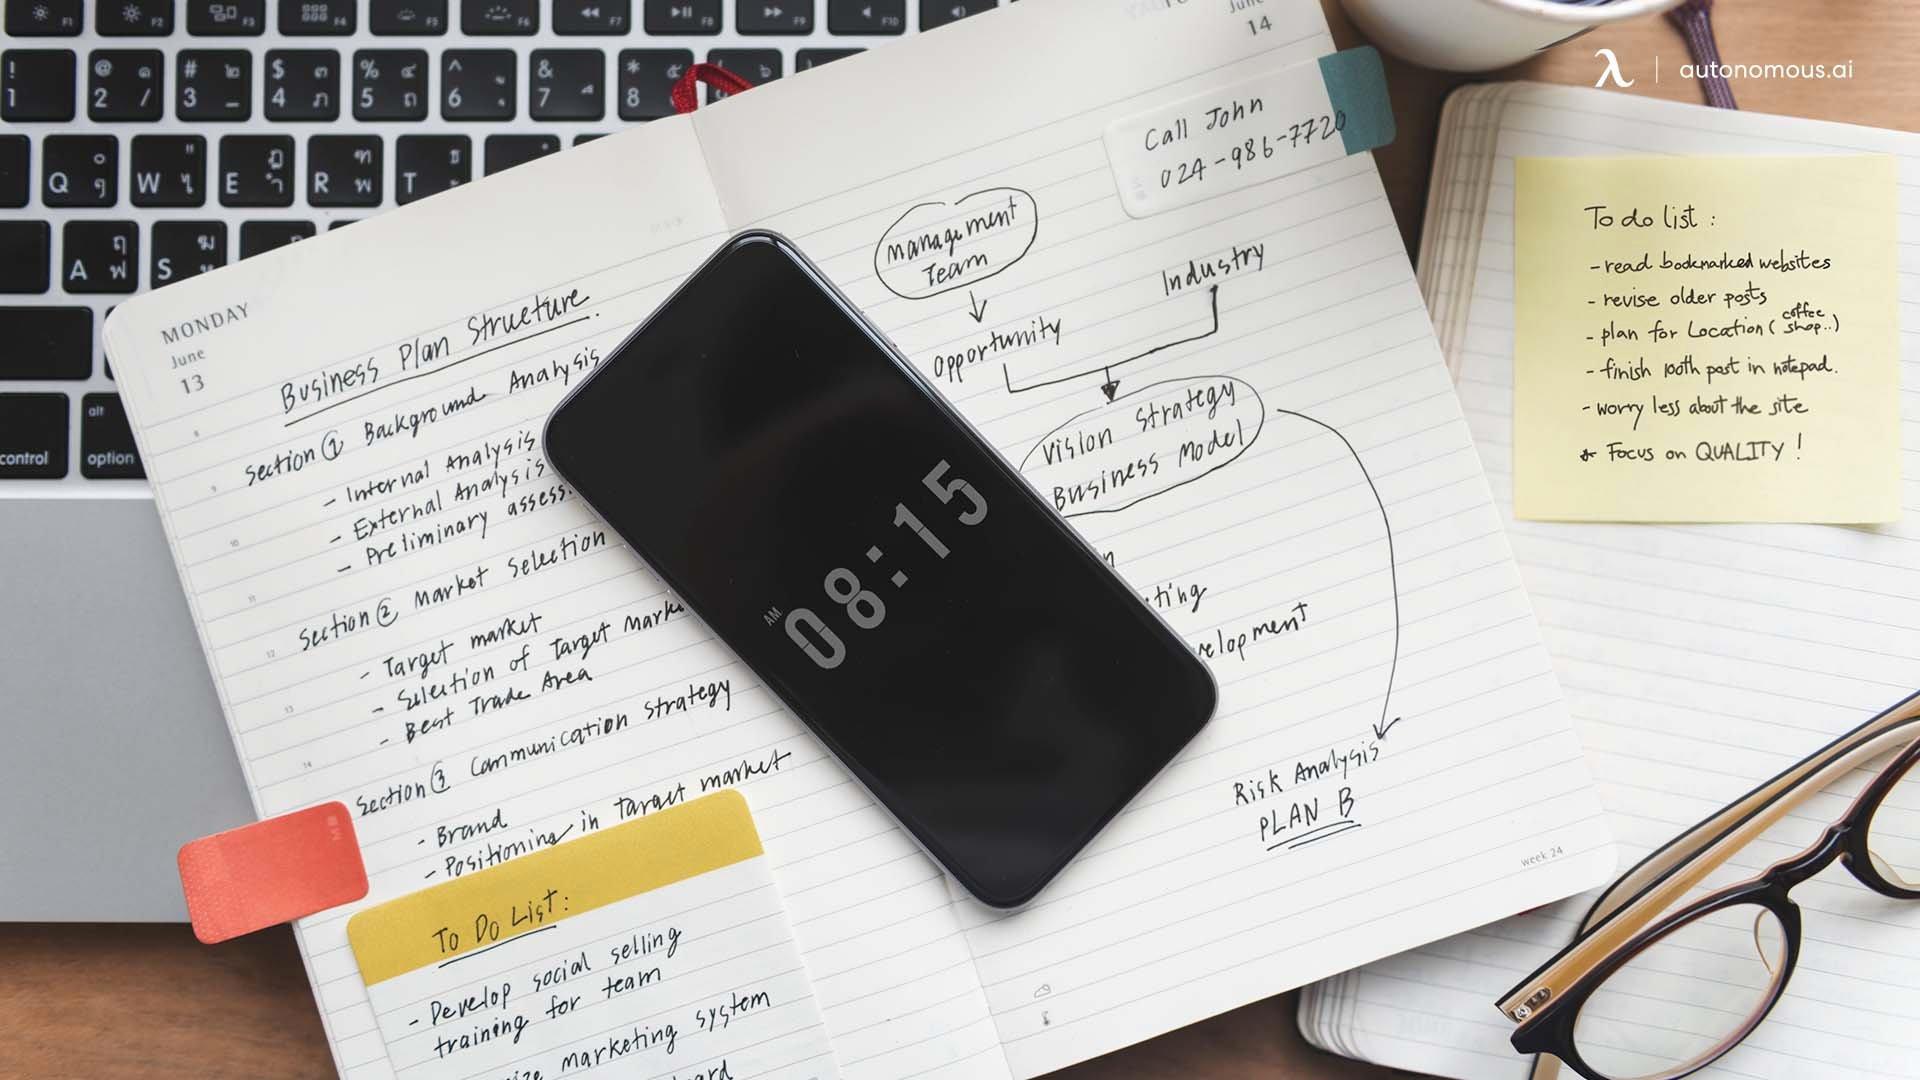 Flexible Working Schedule